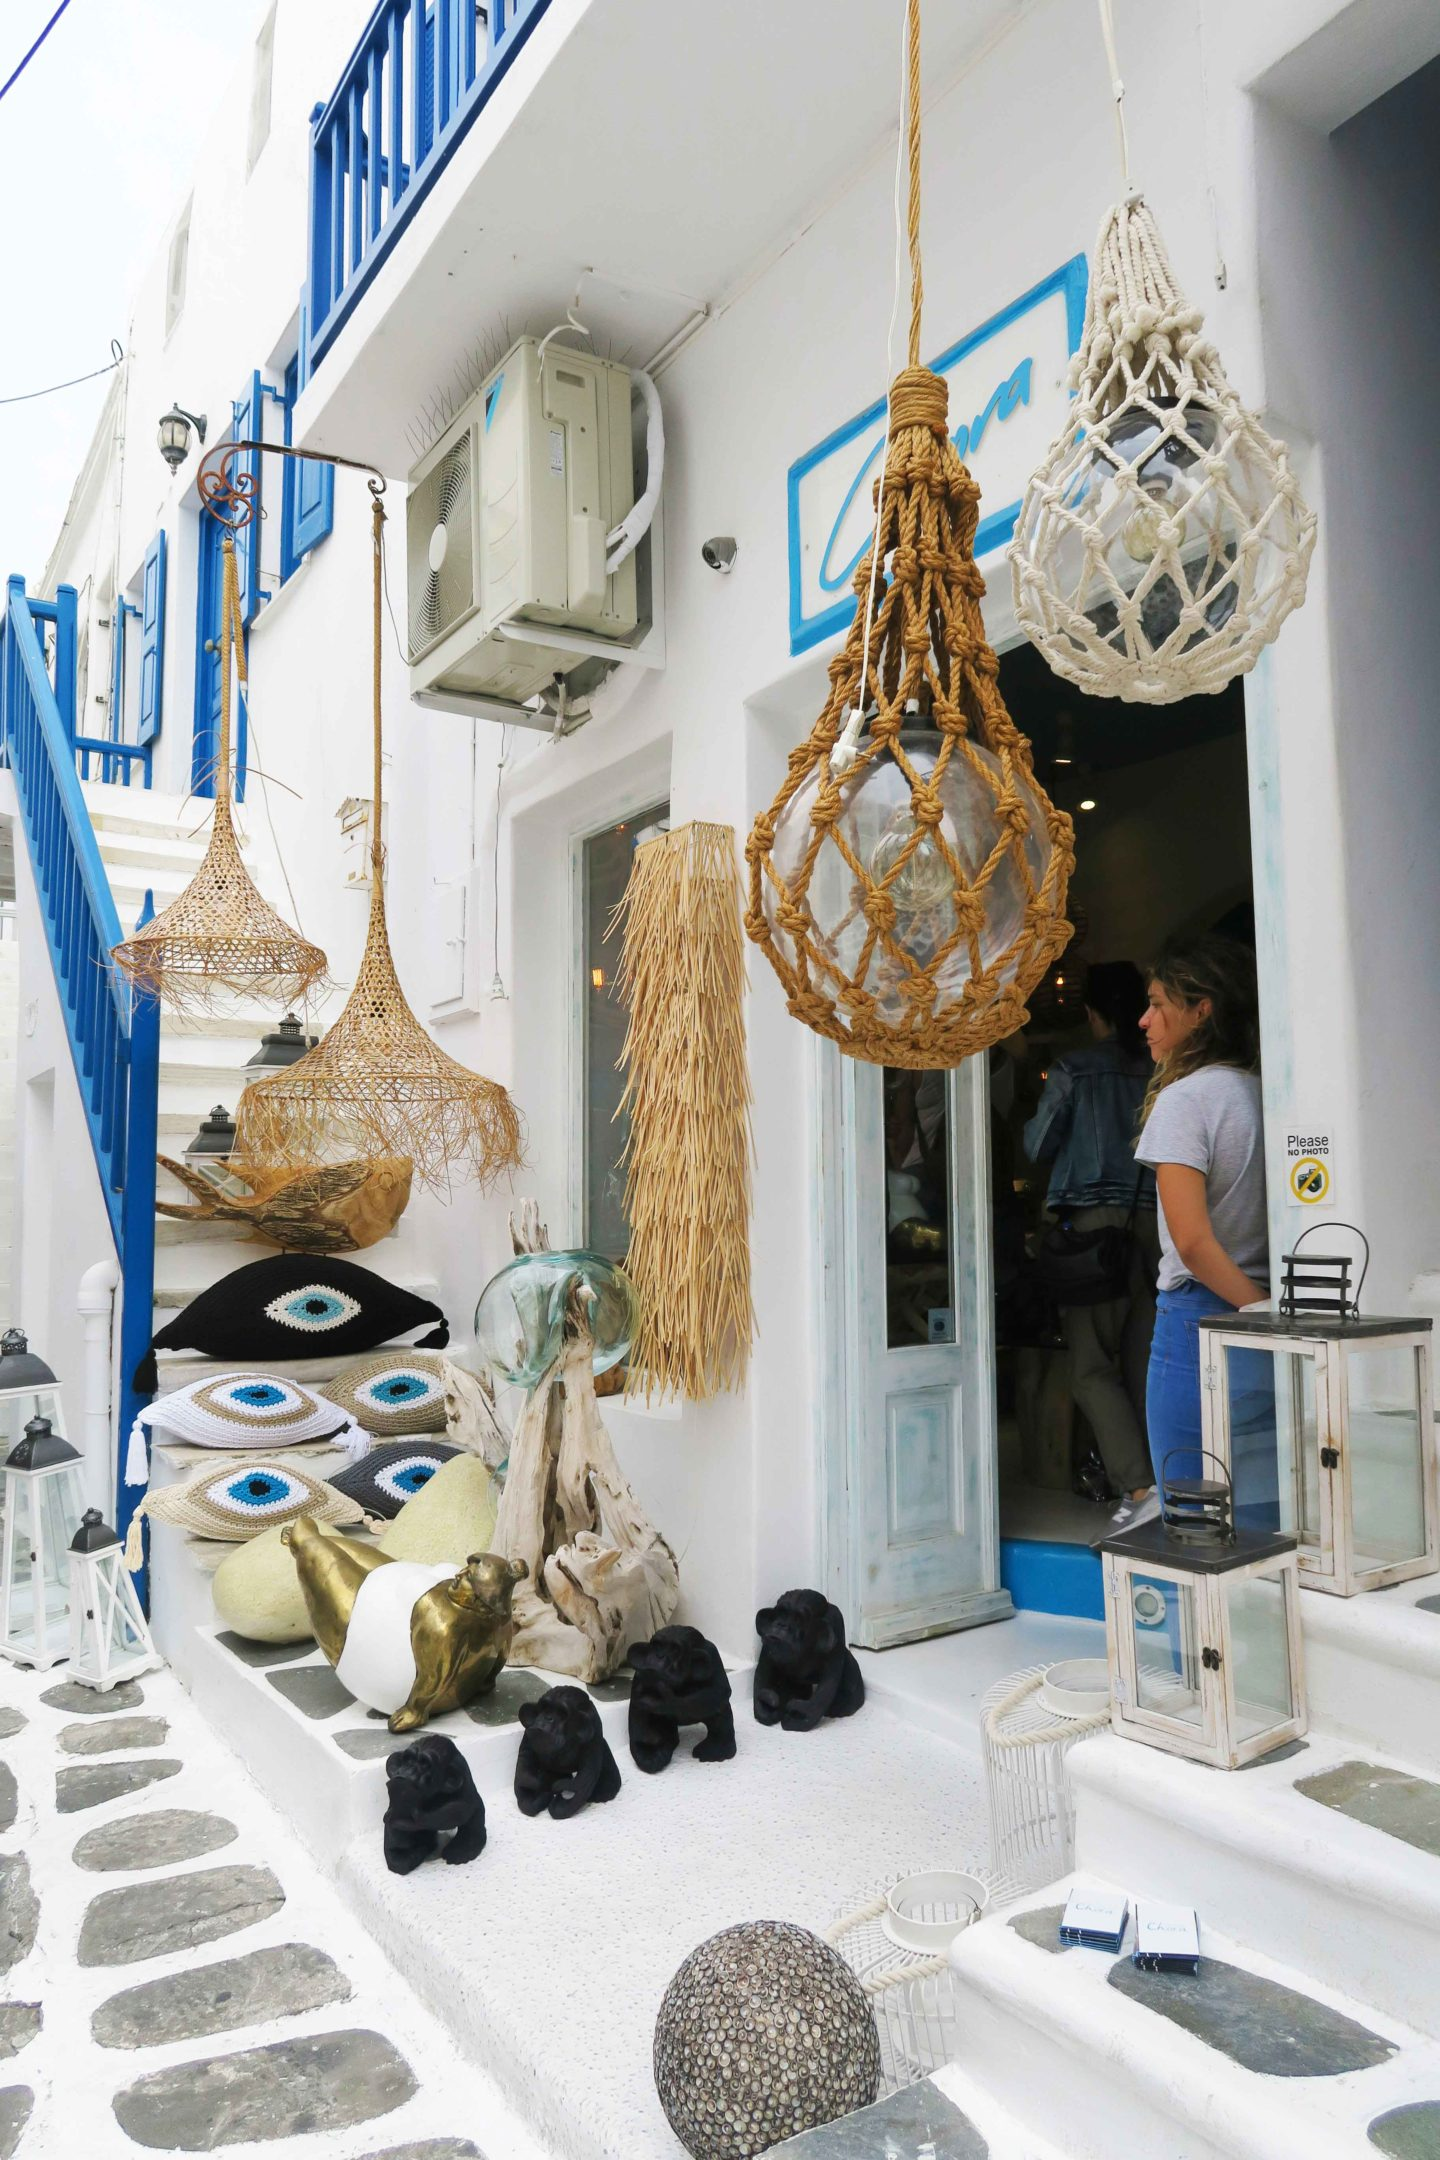 greek boho homeware shop in mykonos town